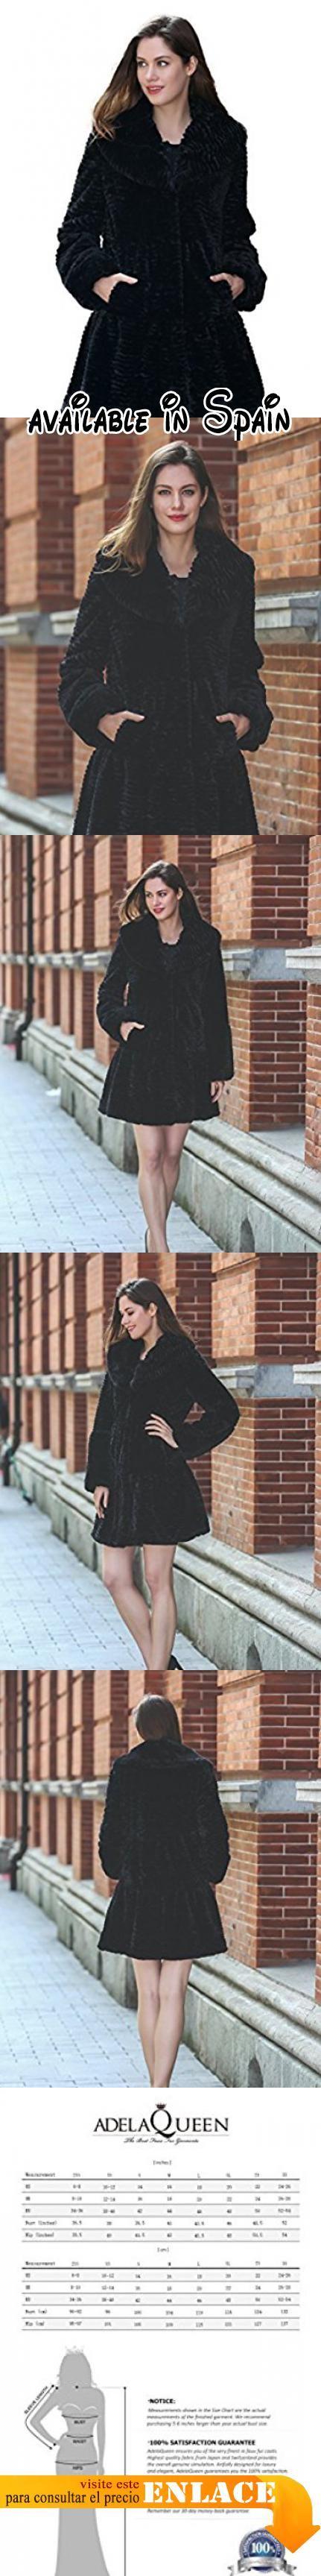 B01J6YR8JG : Adelaqueen Abrigo de Piel Sintética de Cordero Persa con Solapa Ancha Chaqueta Invernal con Estilo de Moda Para Mujer Negro Tamaño Chaqueta Piel Sintética Mujer Faux Fur Coat Abrigos Piel-L. Este abrigo está hecho de un material que es uno de los más suaves. Si cierres los ojos no podrás creer que es una chaqueta.. Es muy fácil de limpiar. Se recomienda la limpieza en seco pero también se puede lavar a mano o en máquina usando el suavizante textil.